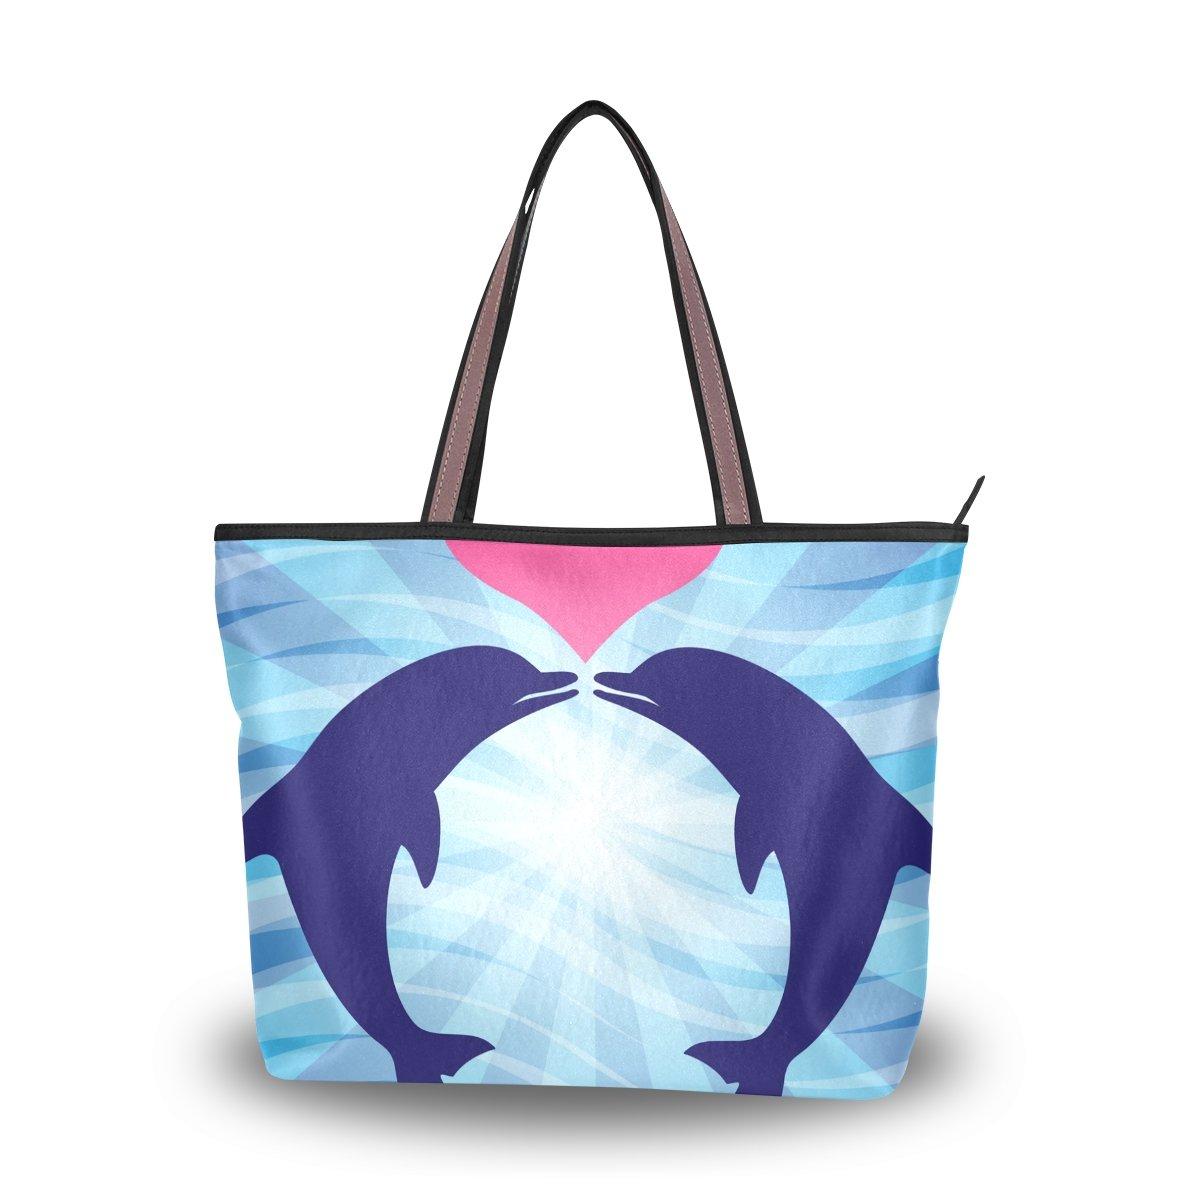 imobaby Love Dolphins Women Large Tote Shoulder BagsTop Handle Handbag TE052